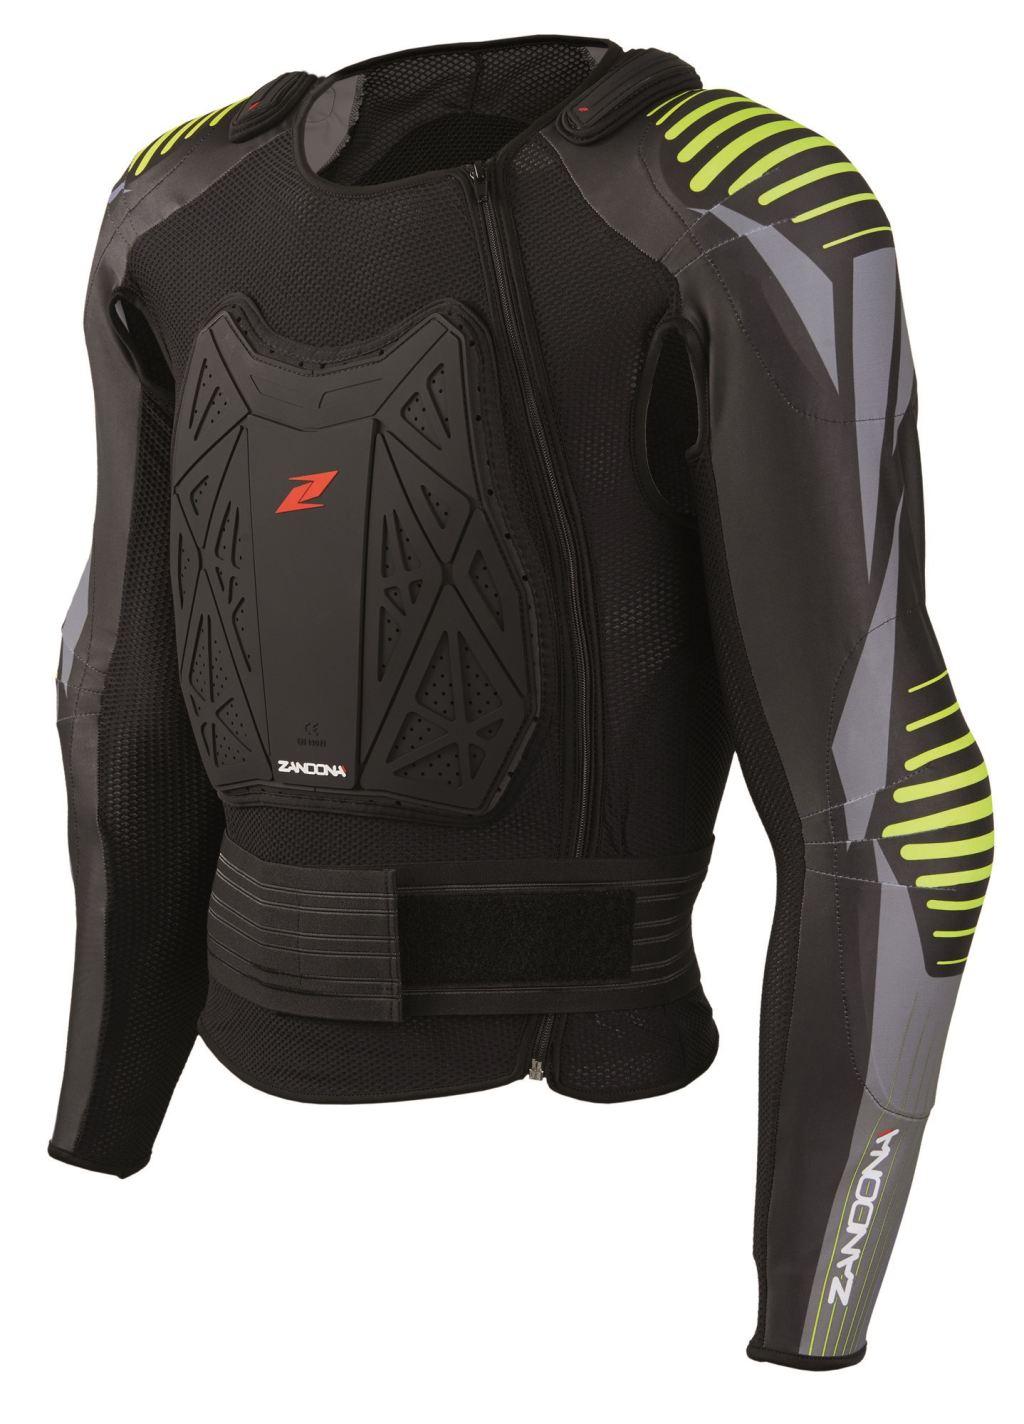 İtalyan Zandona'dan Yeni Soft Active Jacket Pro! 1. İçerik Fotoğrafı